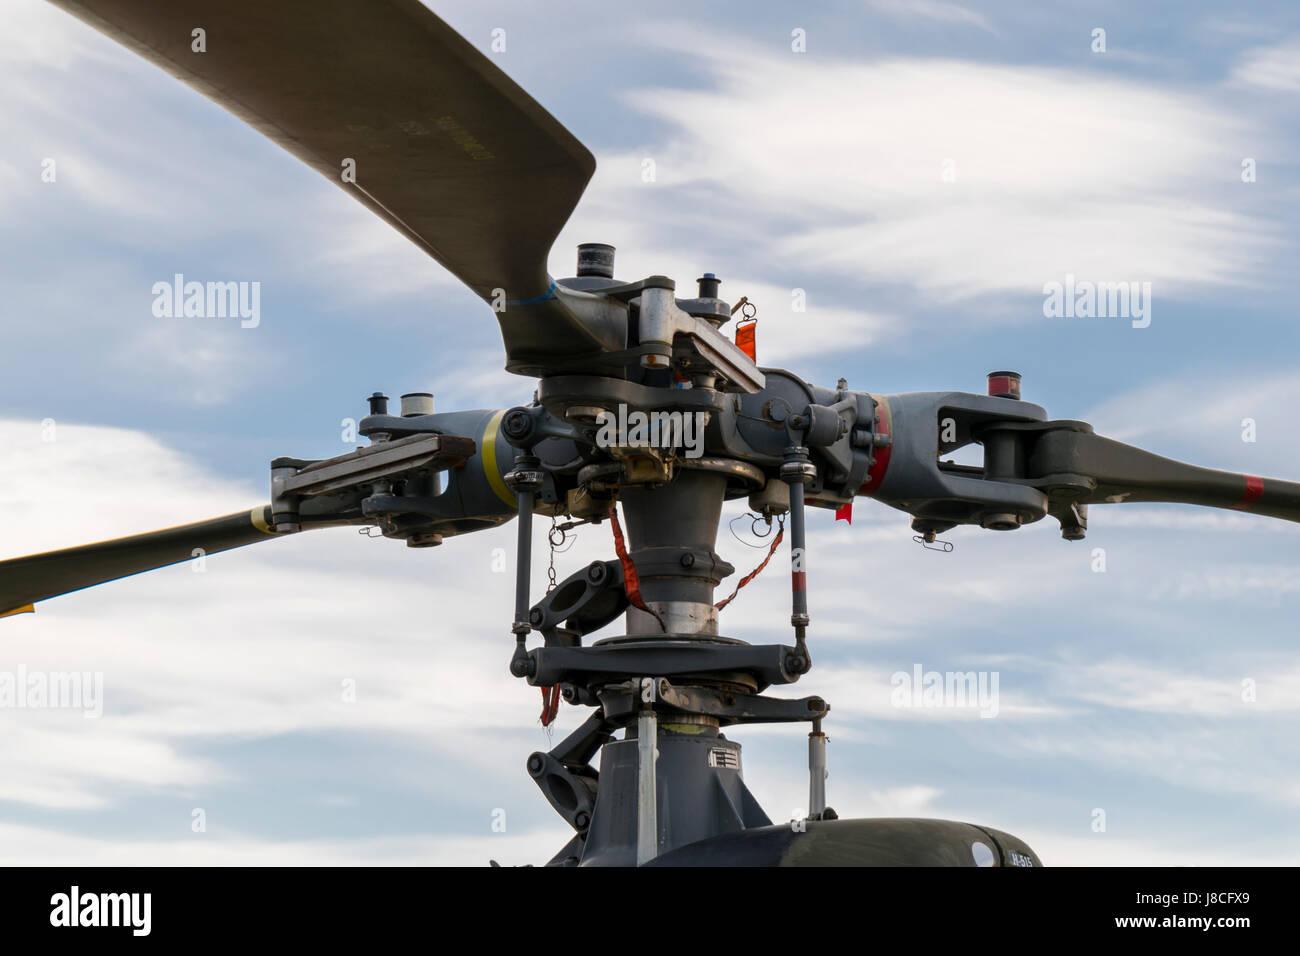 Gazelle Rotor blade hub - Stock Image